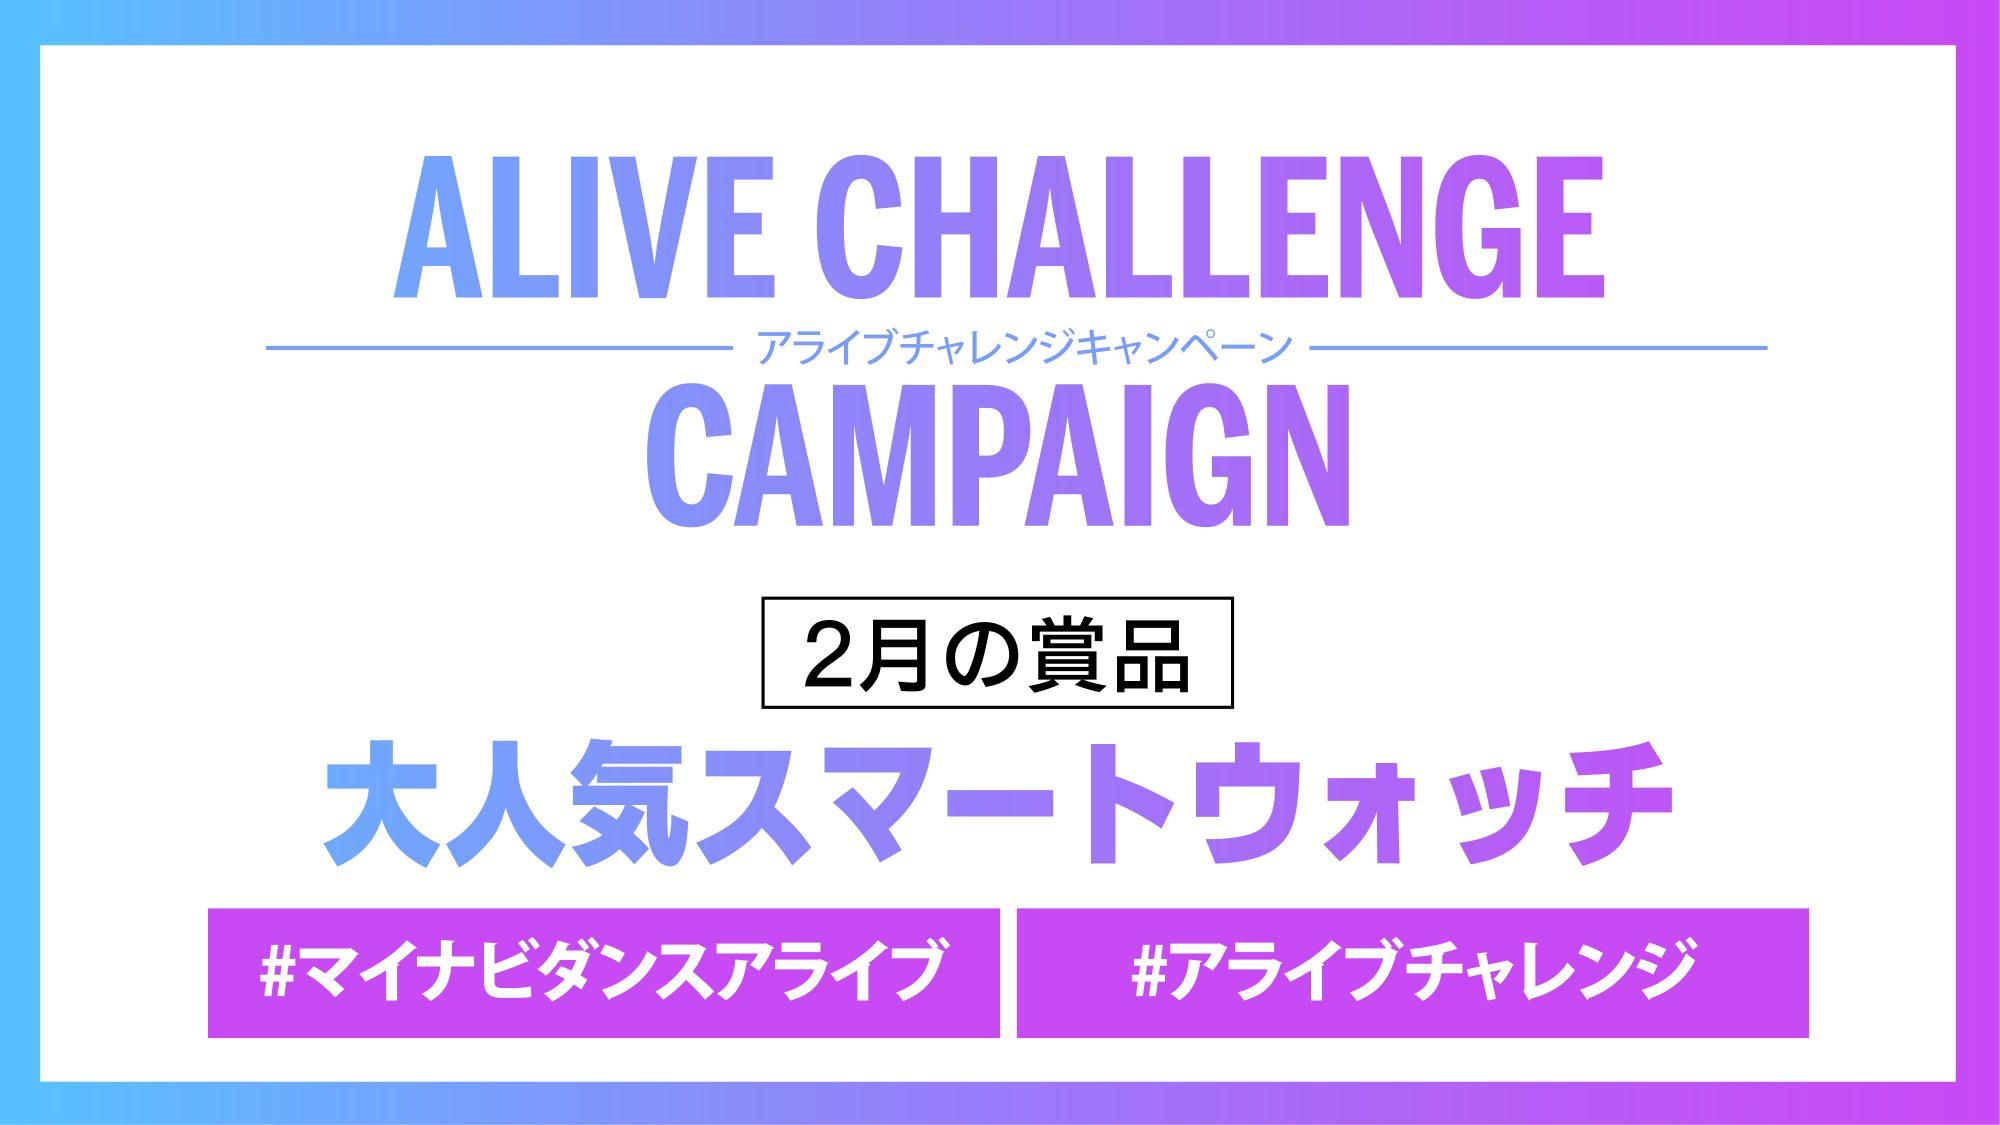 2月アライブチャレンジキャンペーンが公開!